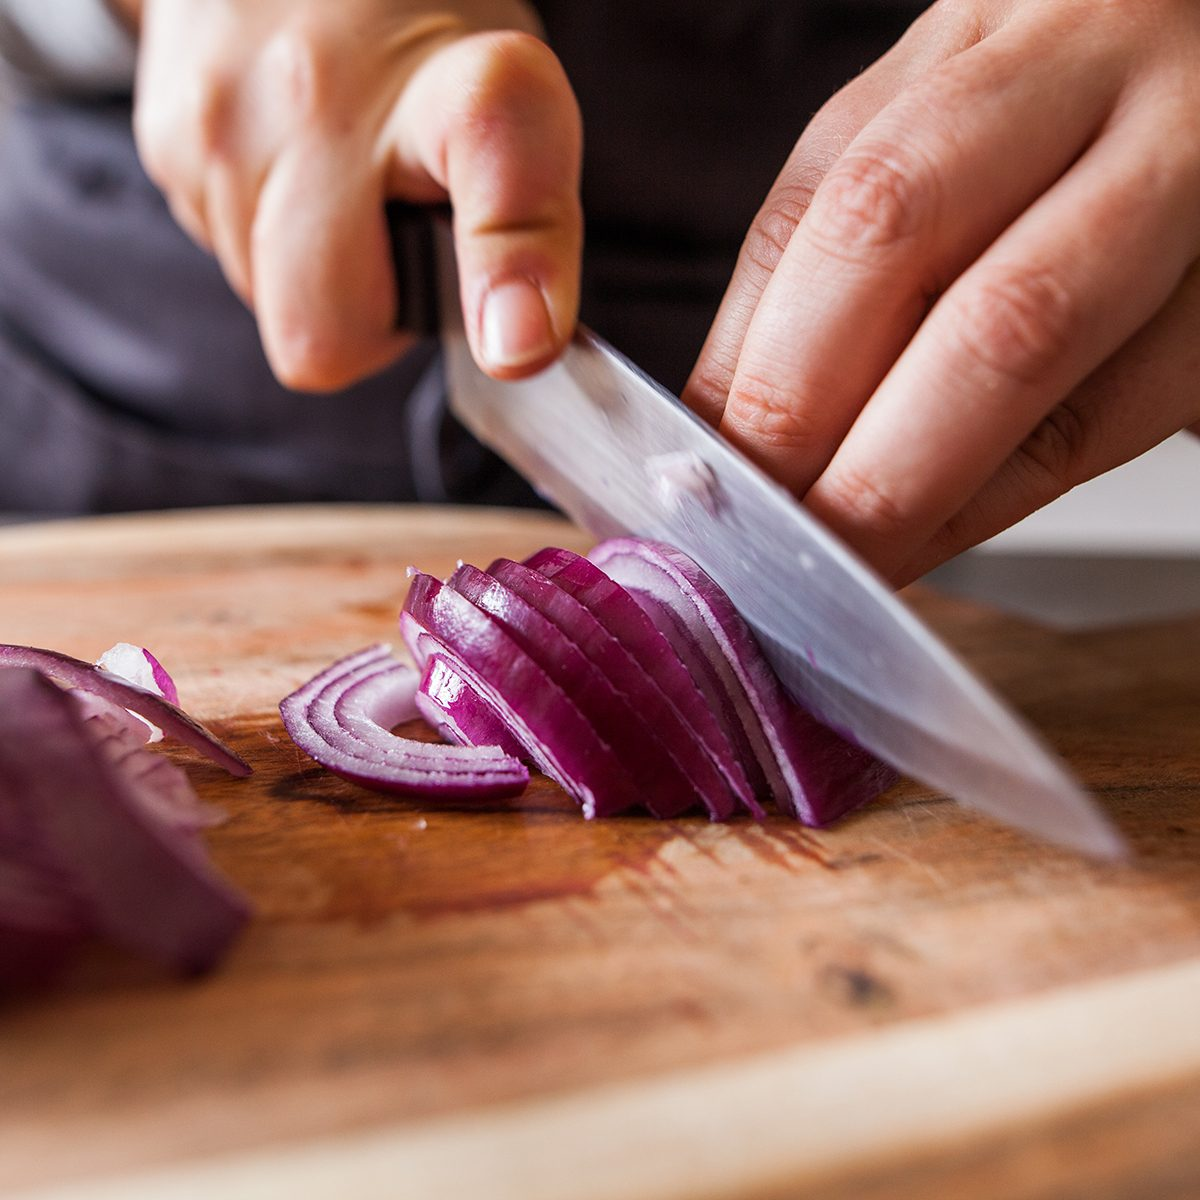 Cette photo représente une personne en train de couper des oignons rouges dans une cuisine.